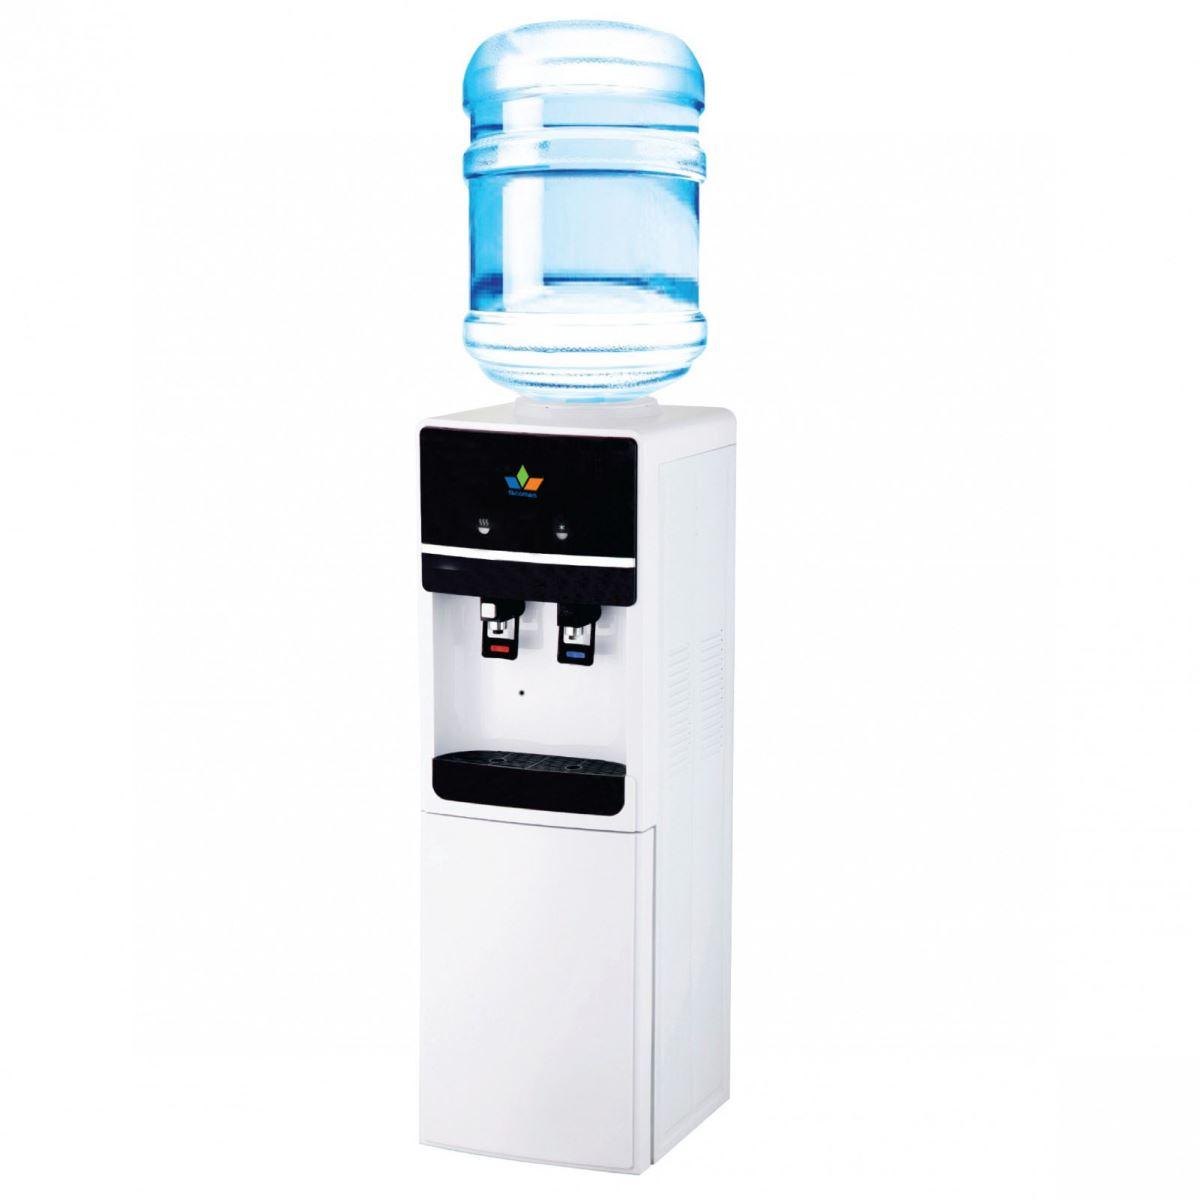 Thông số kỹ thuật Cây nước nóng lạnh Karofi HC01 an toàn tinh tế